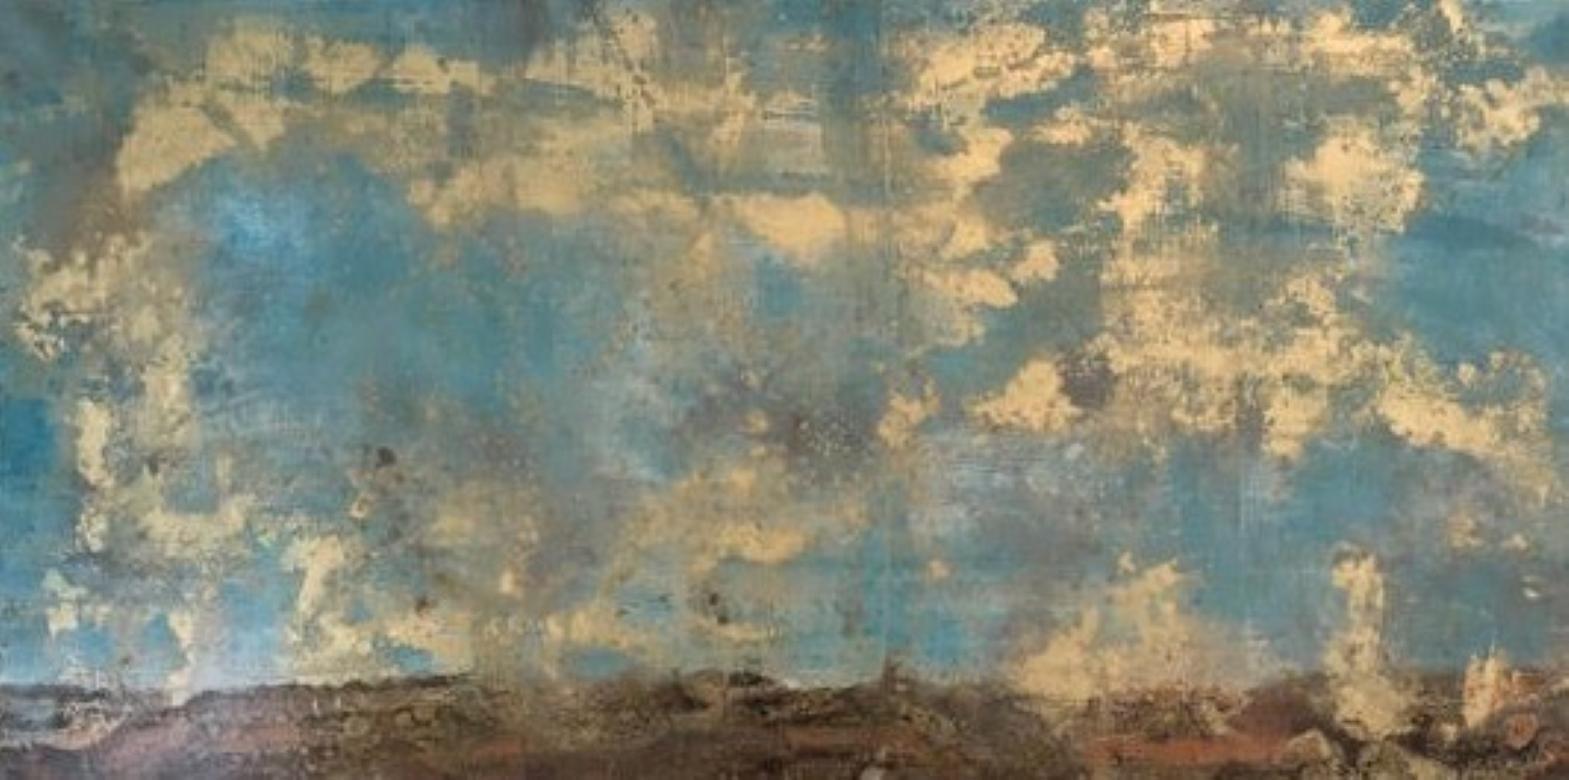 Scraped Landscape, Sky, Oil, Gold, Blue, Landscape, Gold Leaf, Painting